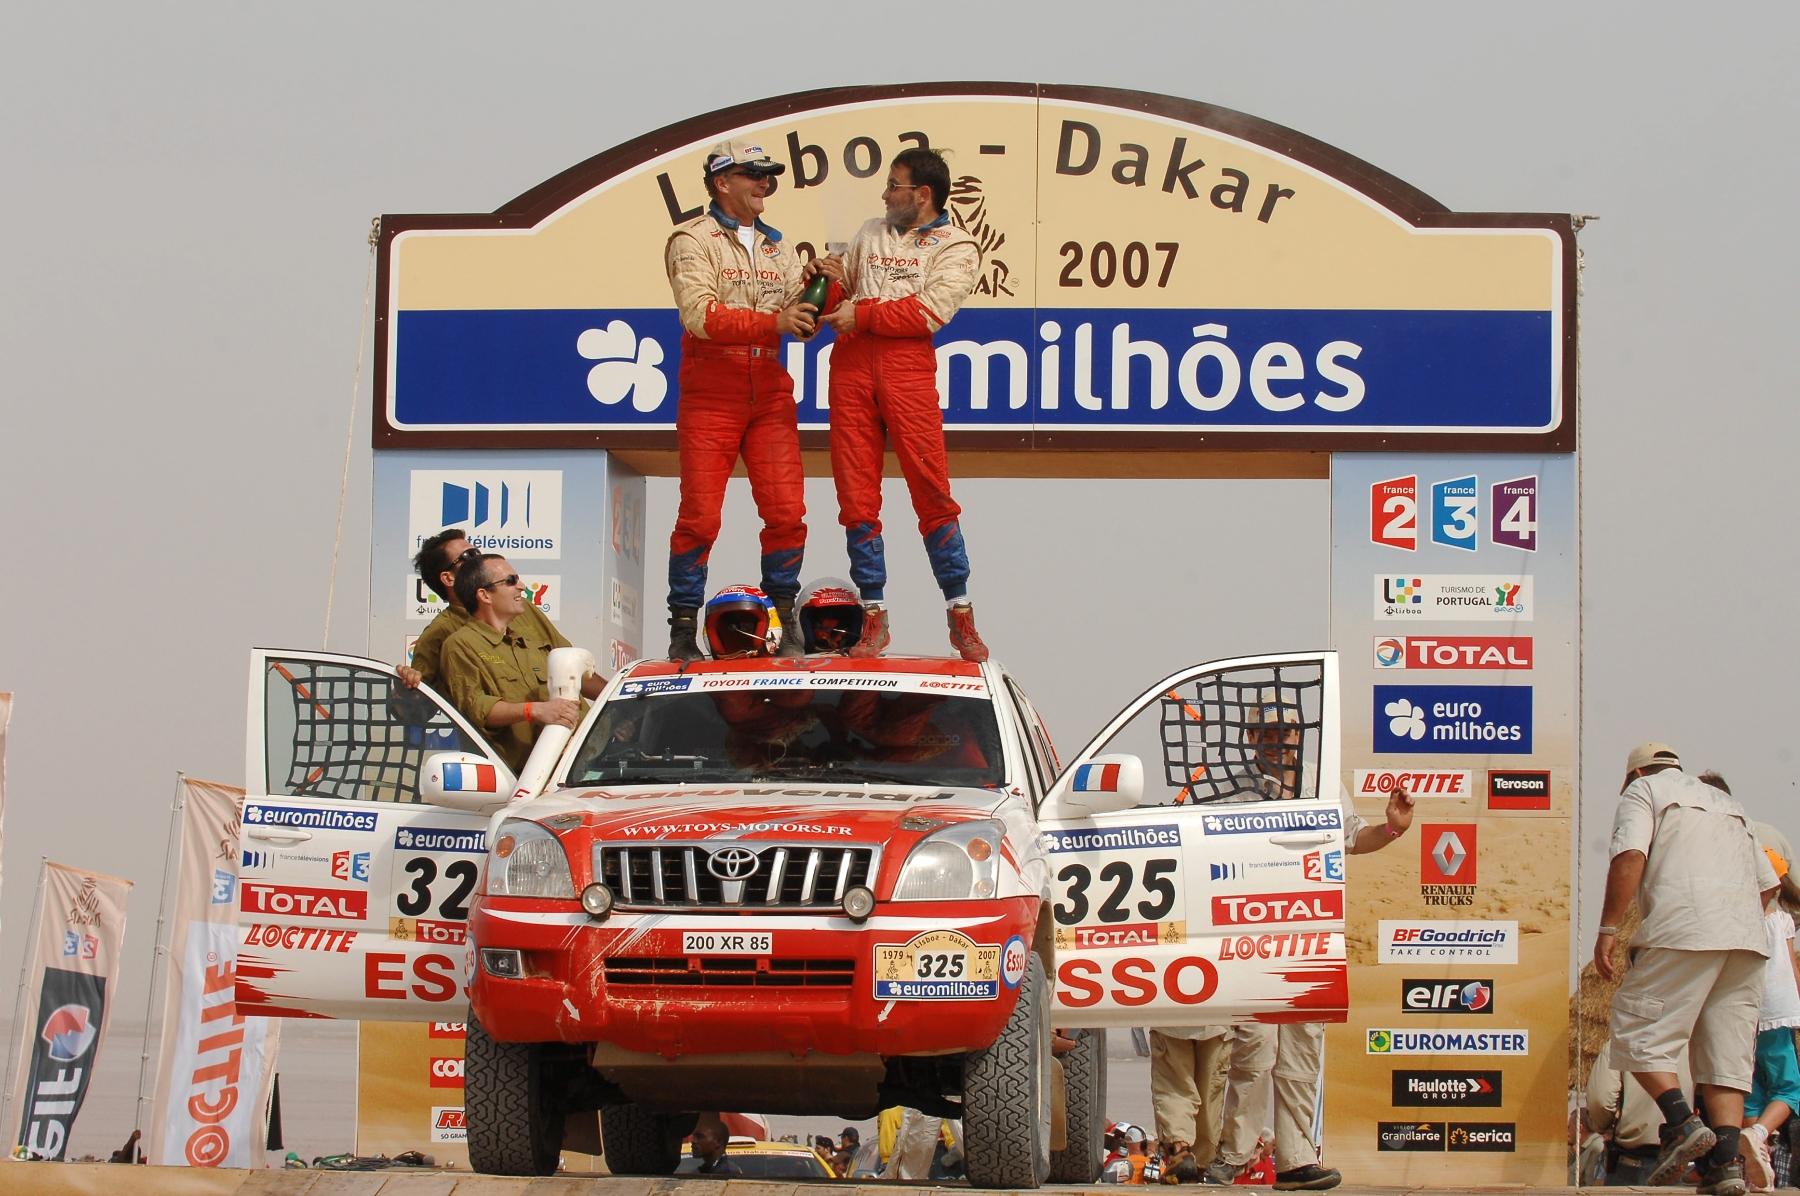 33-2007-dakar_